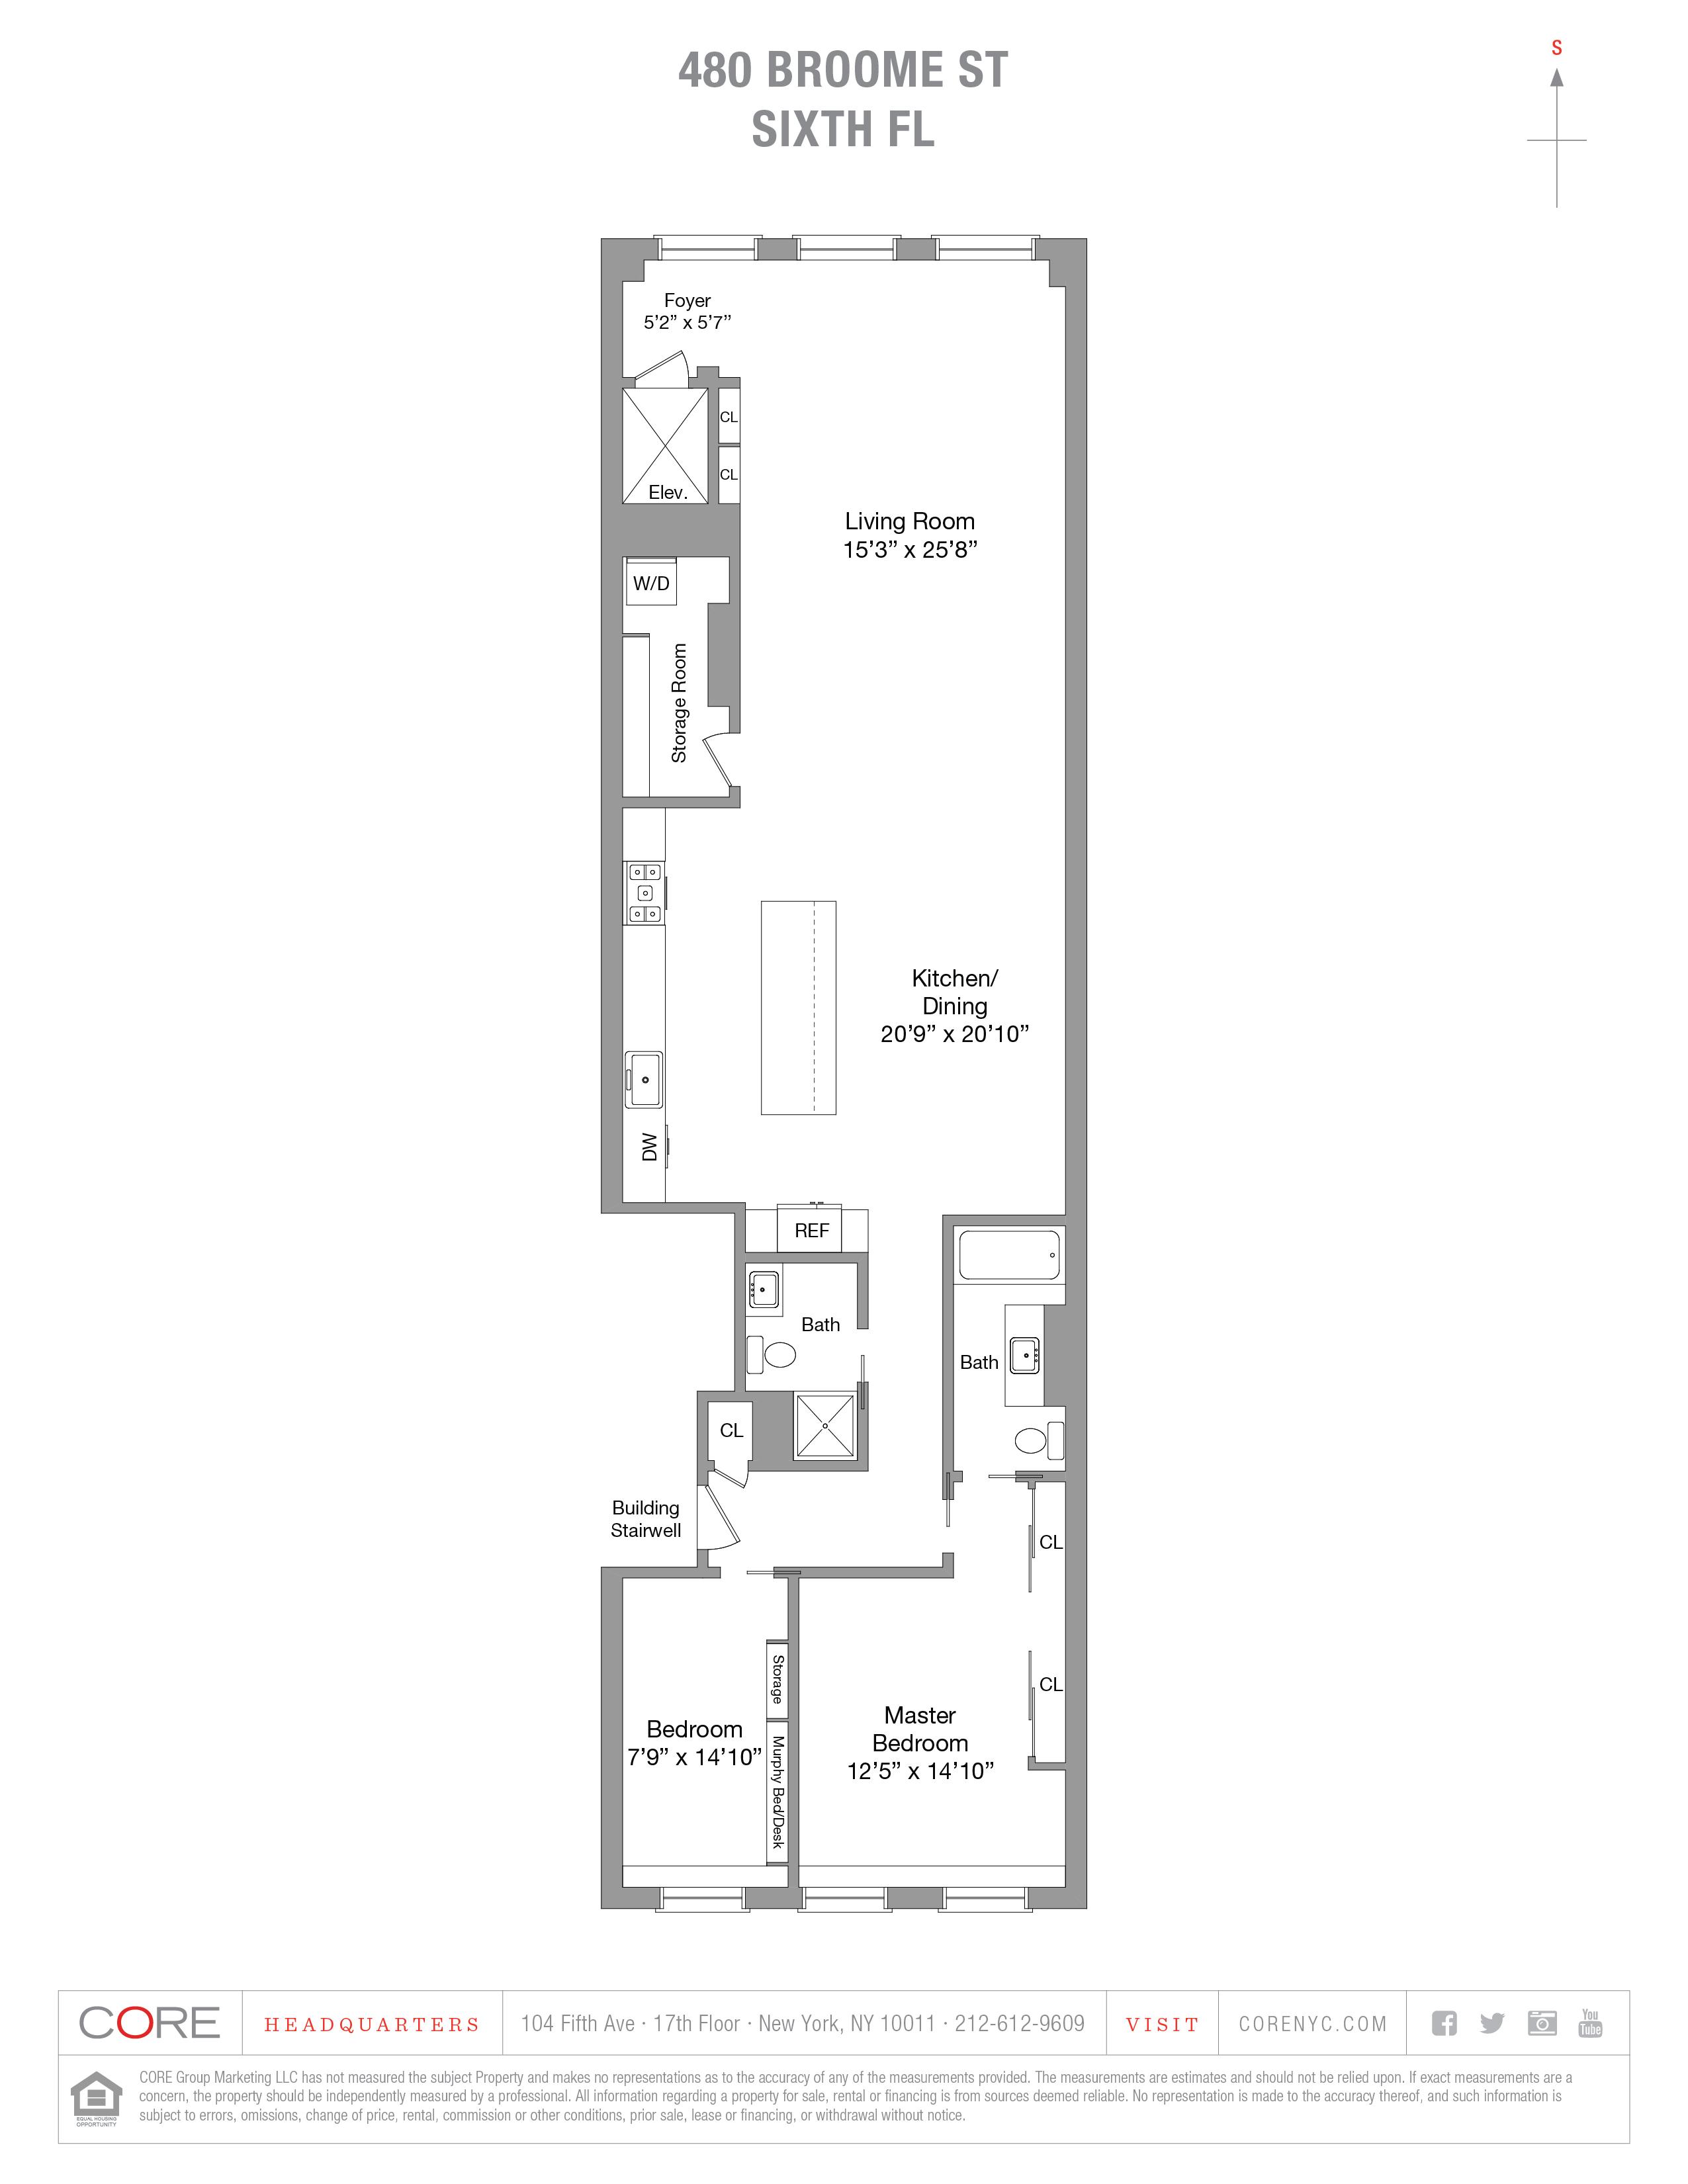 480 Broome St. 6th floor , New York, NY 10013